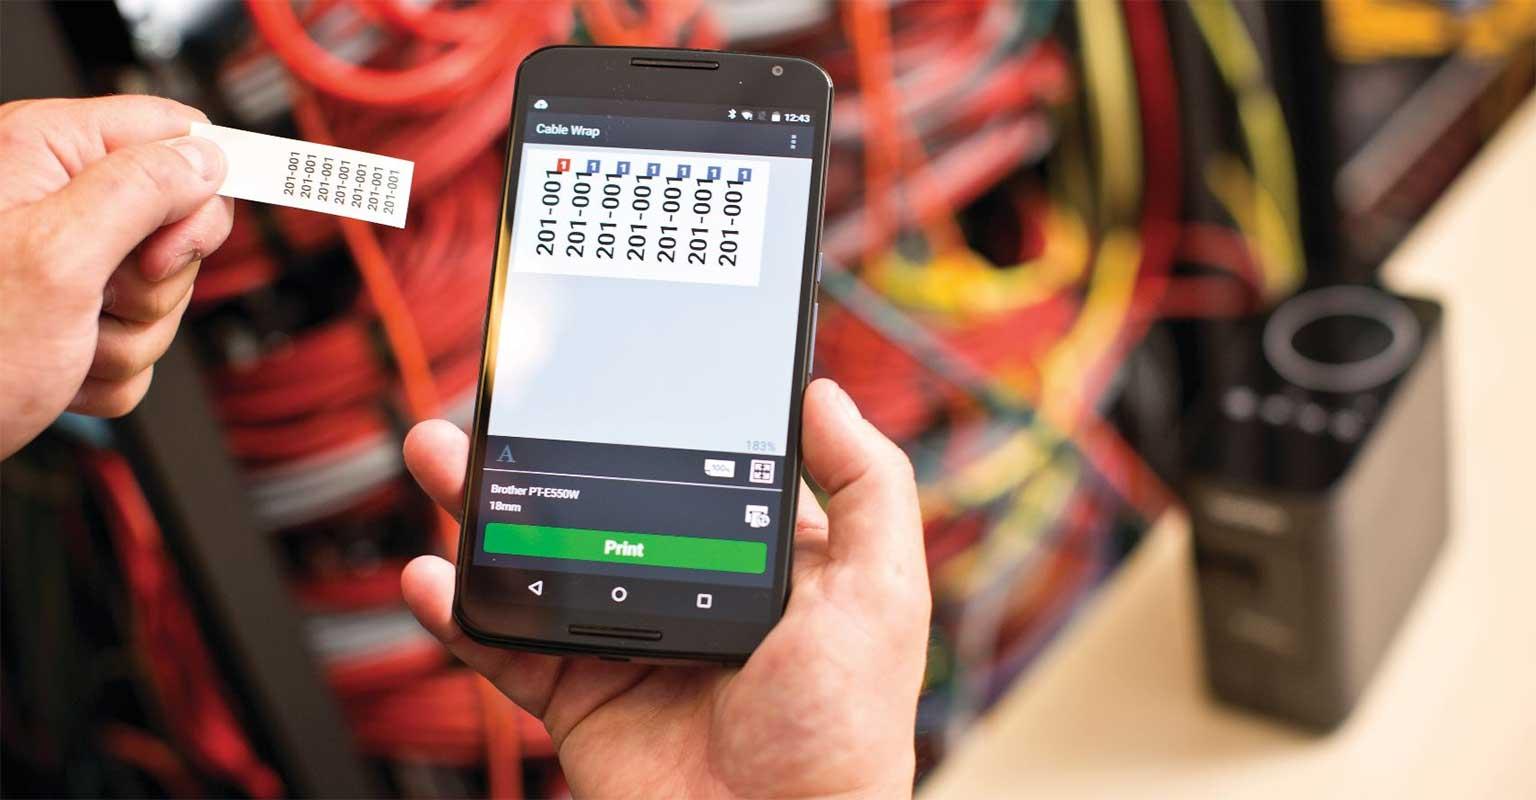 Etikettendruck auf einem Brother P-touch, der in der Hand gehalten wird, um den Etikettendruck vor Ort zu demonstrieren